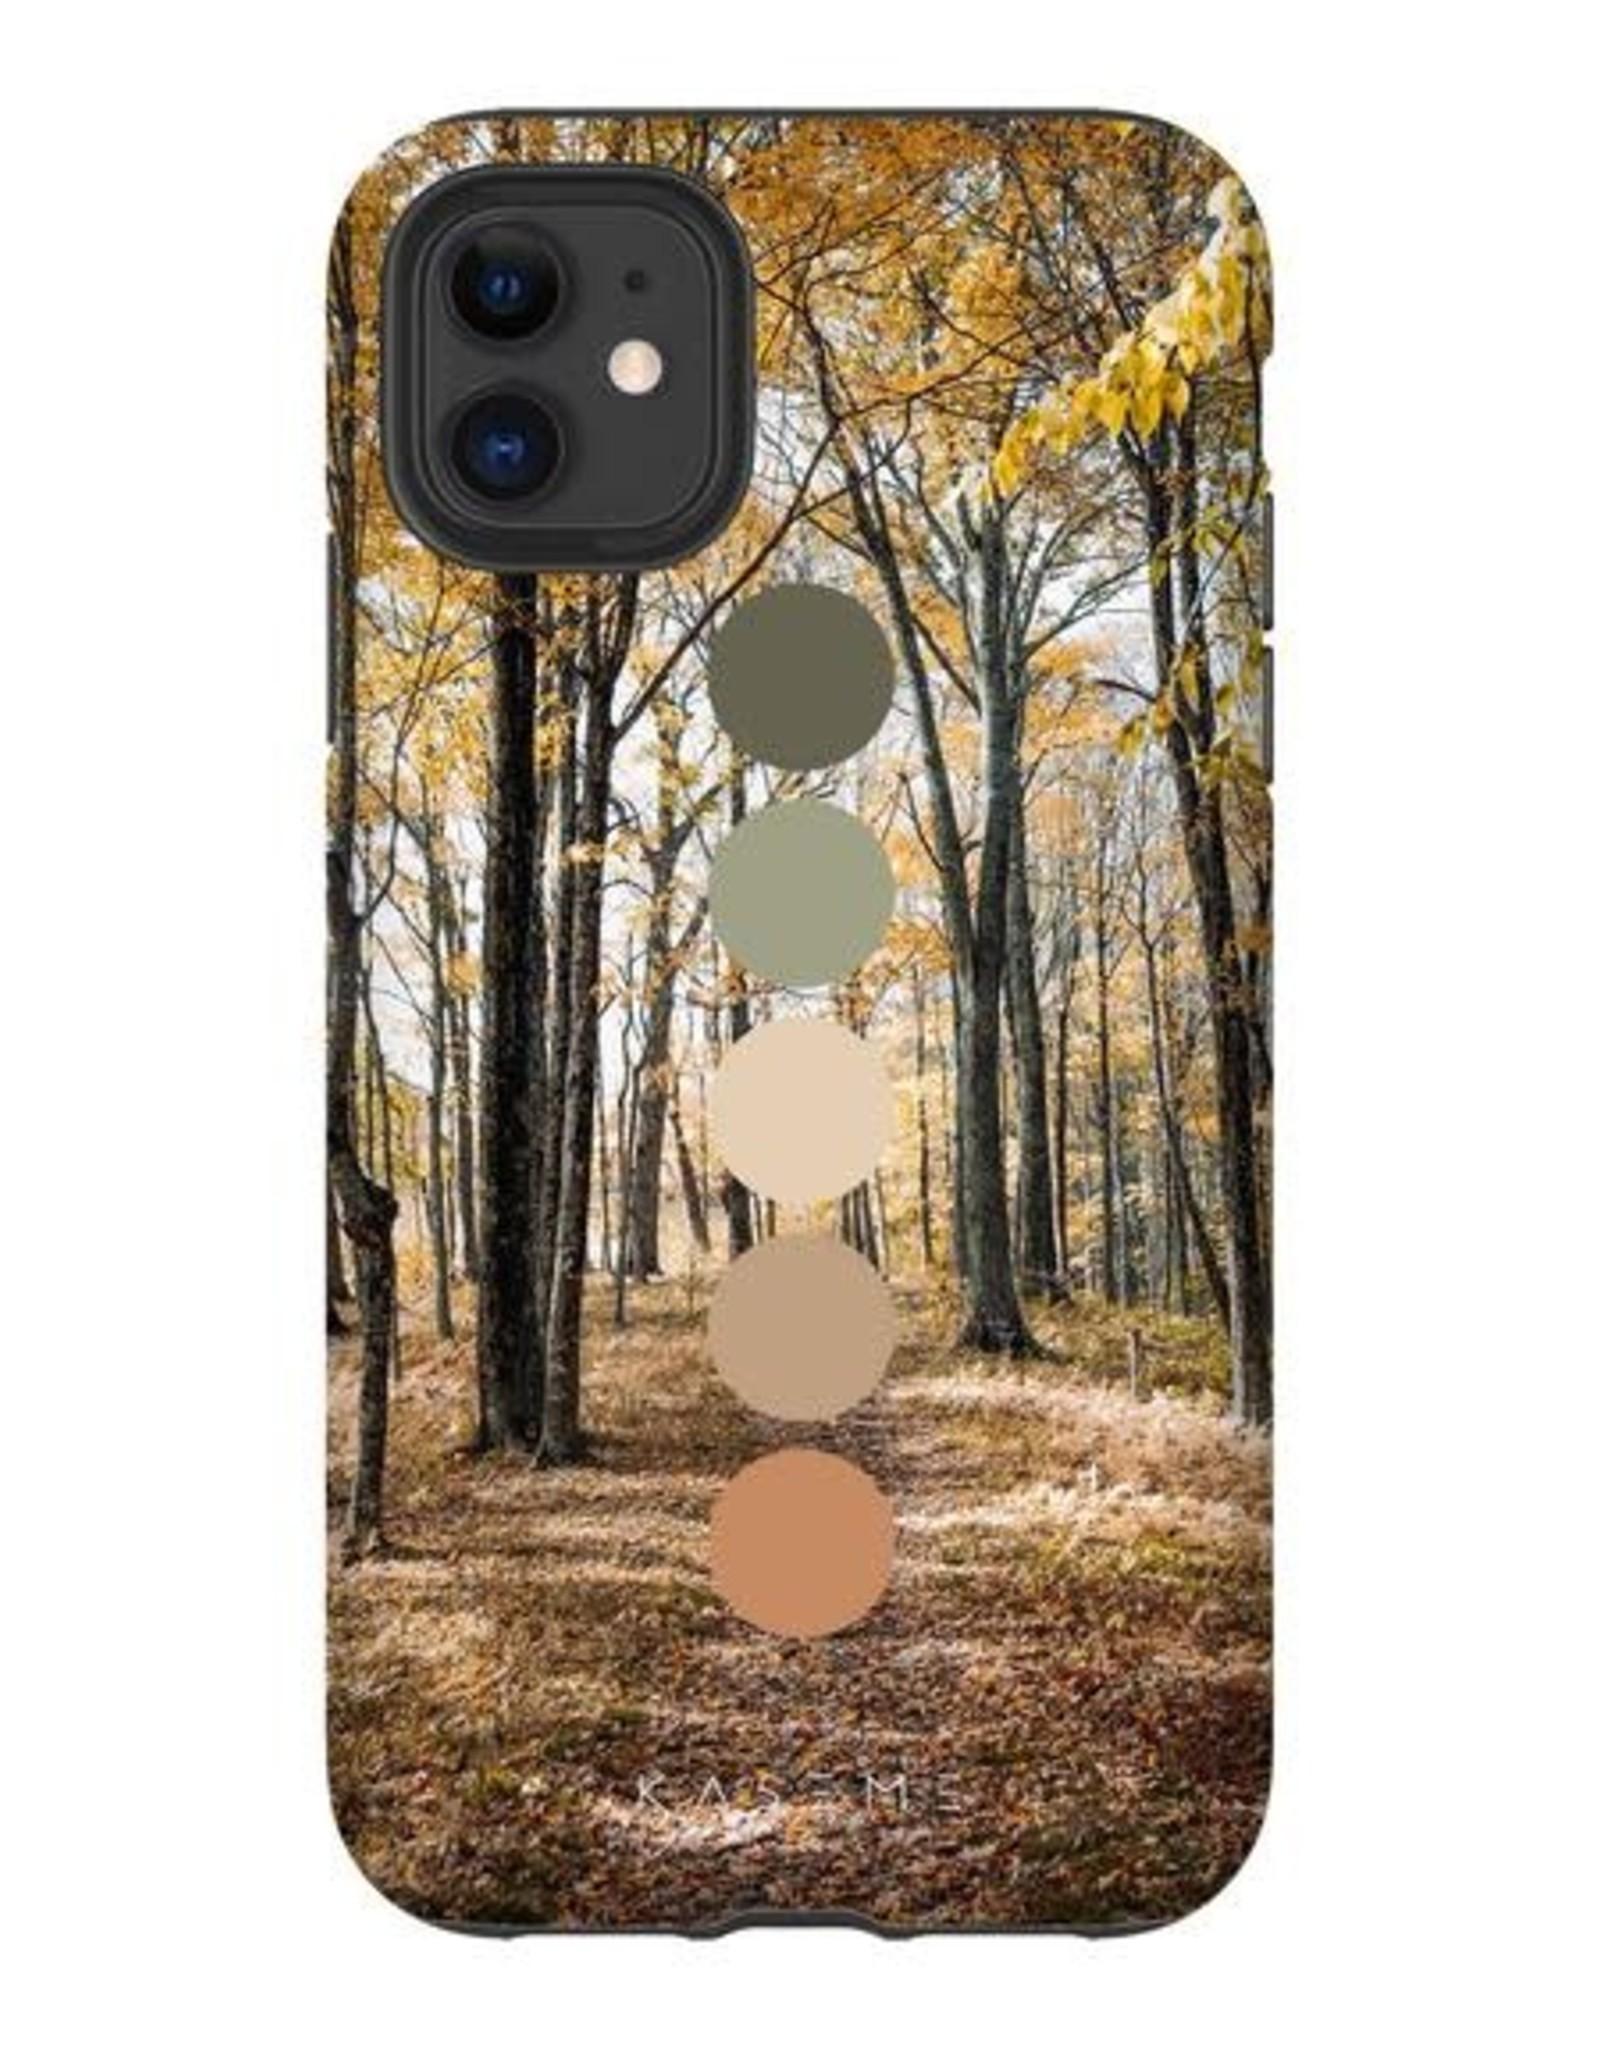 Kaseme Kaseme - Étui cellulaire woody